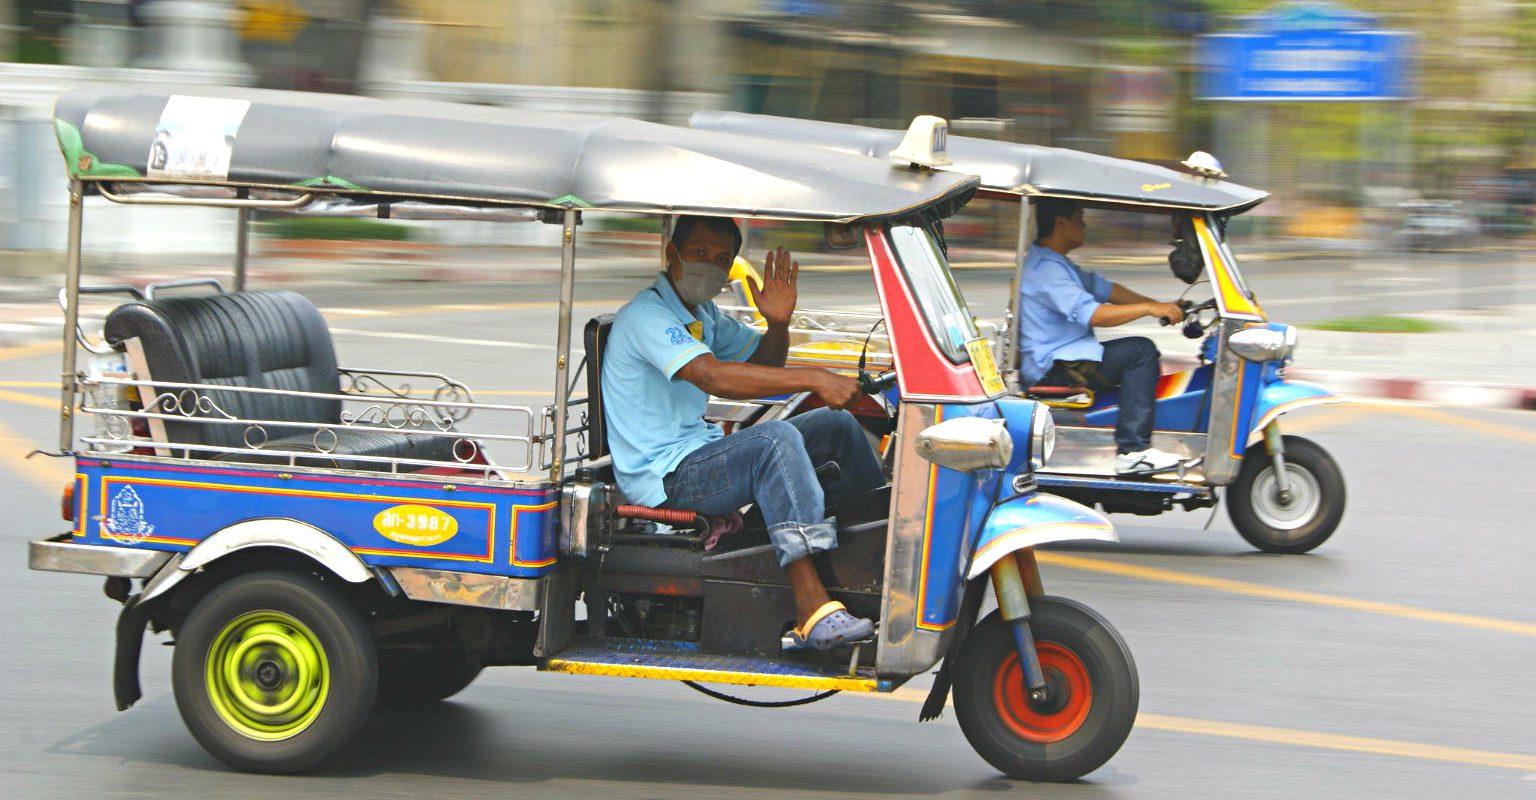 rijdende tuk tuk, de rest van Bangkok ontdekken.